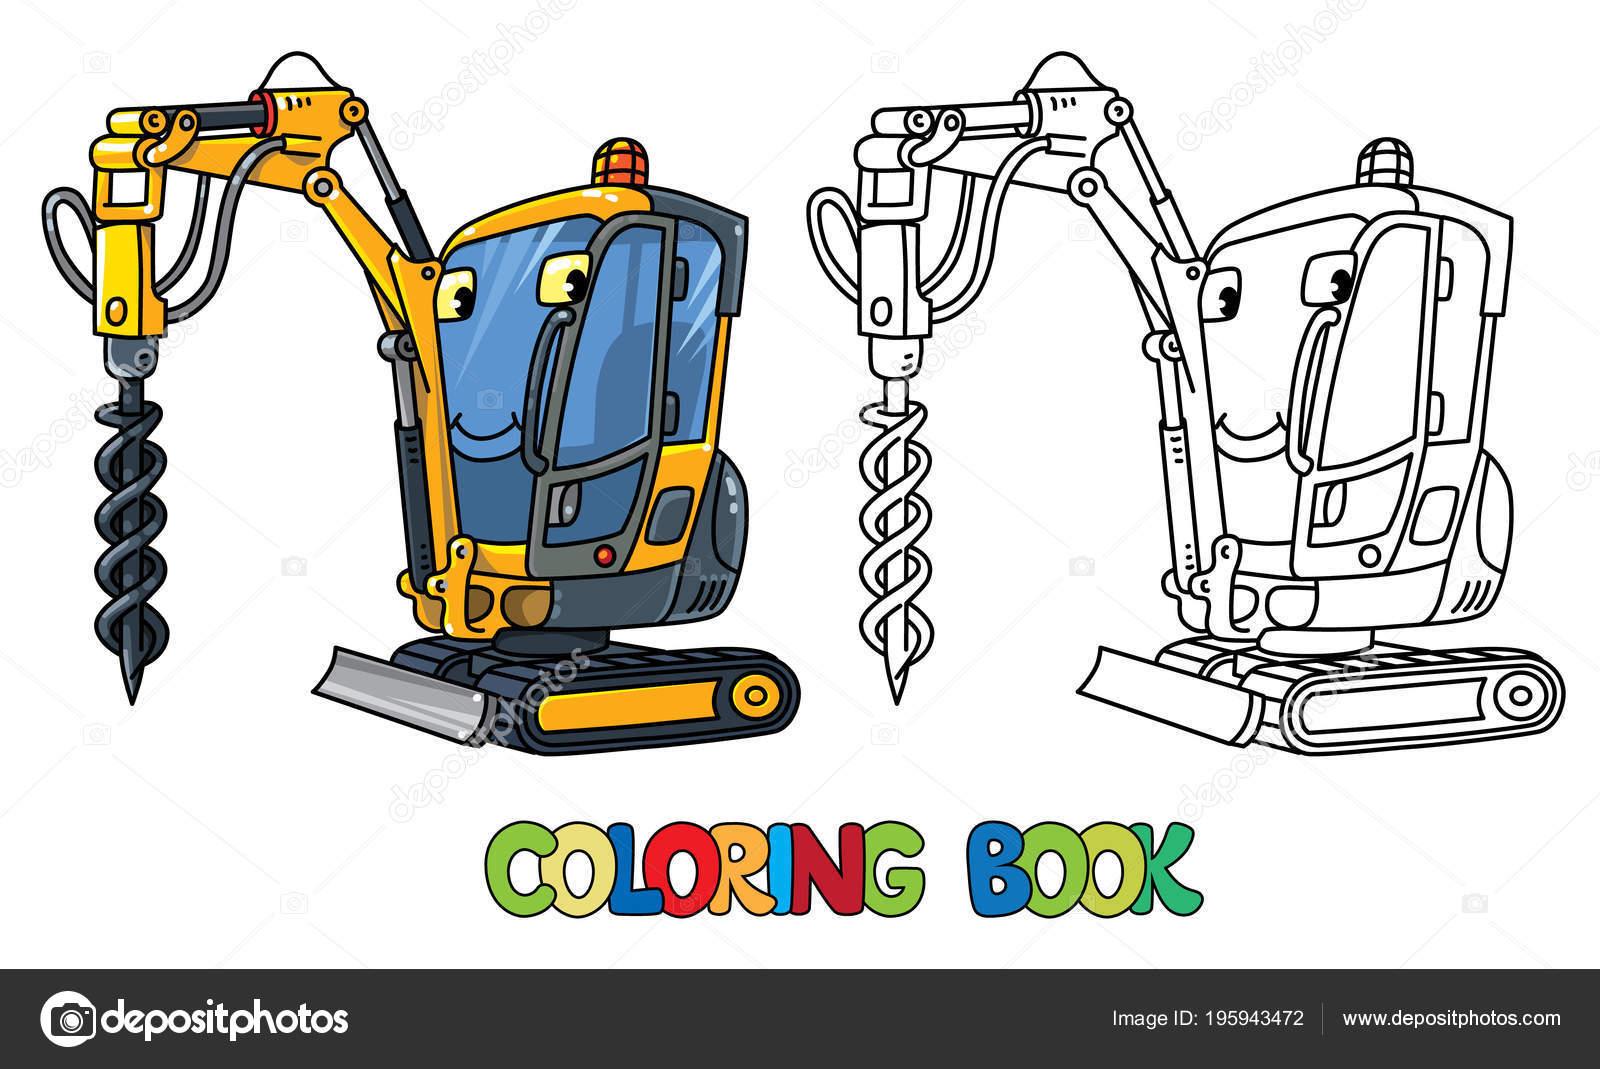 Petit Avec Les ForageVoiture YeuxLivre De Coloriage Camion W2YbEH9IeD